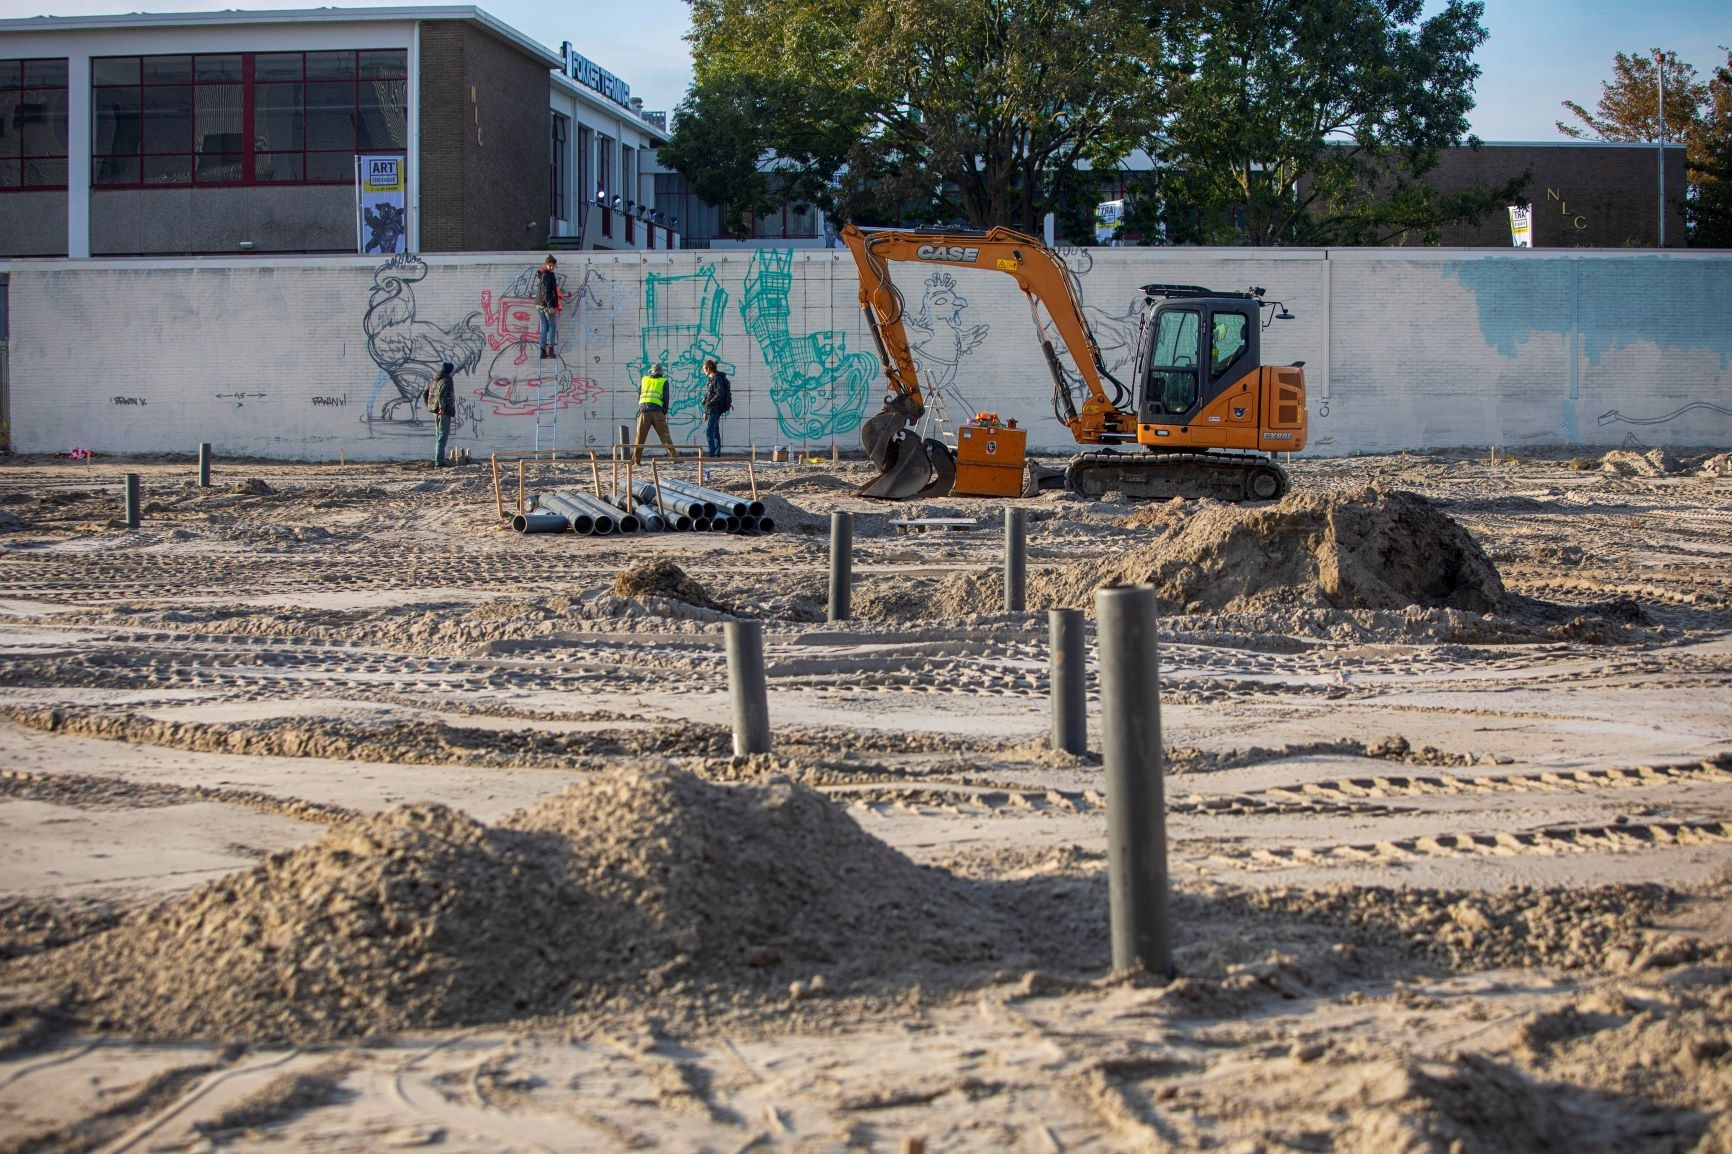 omgevingsplan binckhorst is leidend voor de bouwopgaven